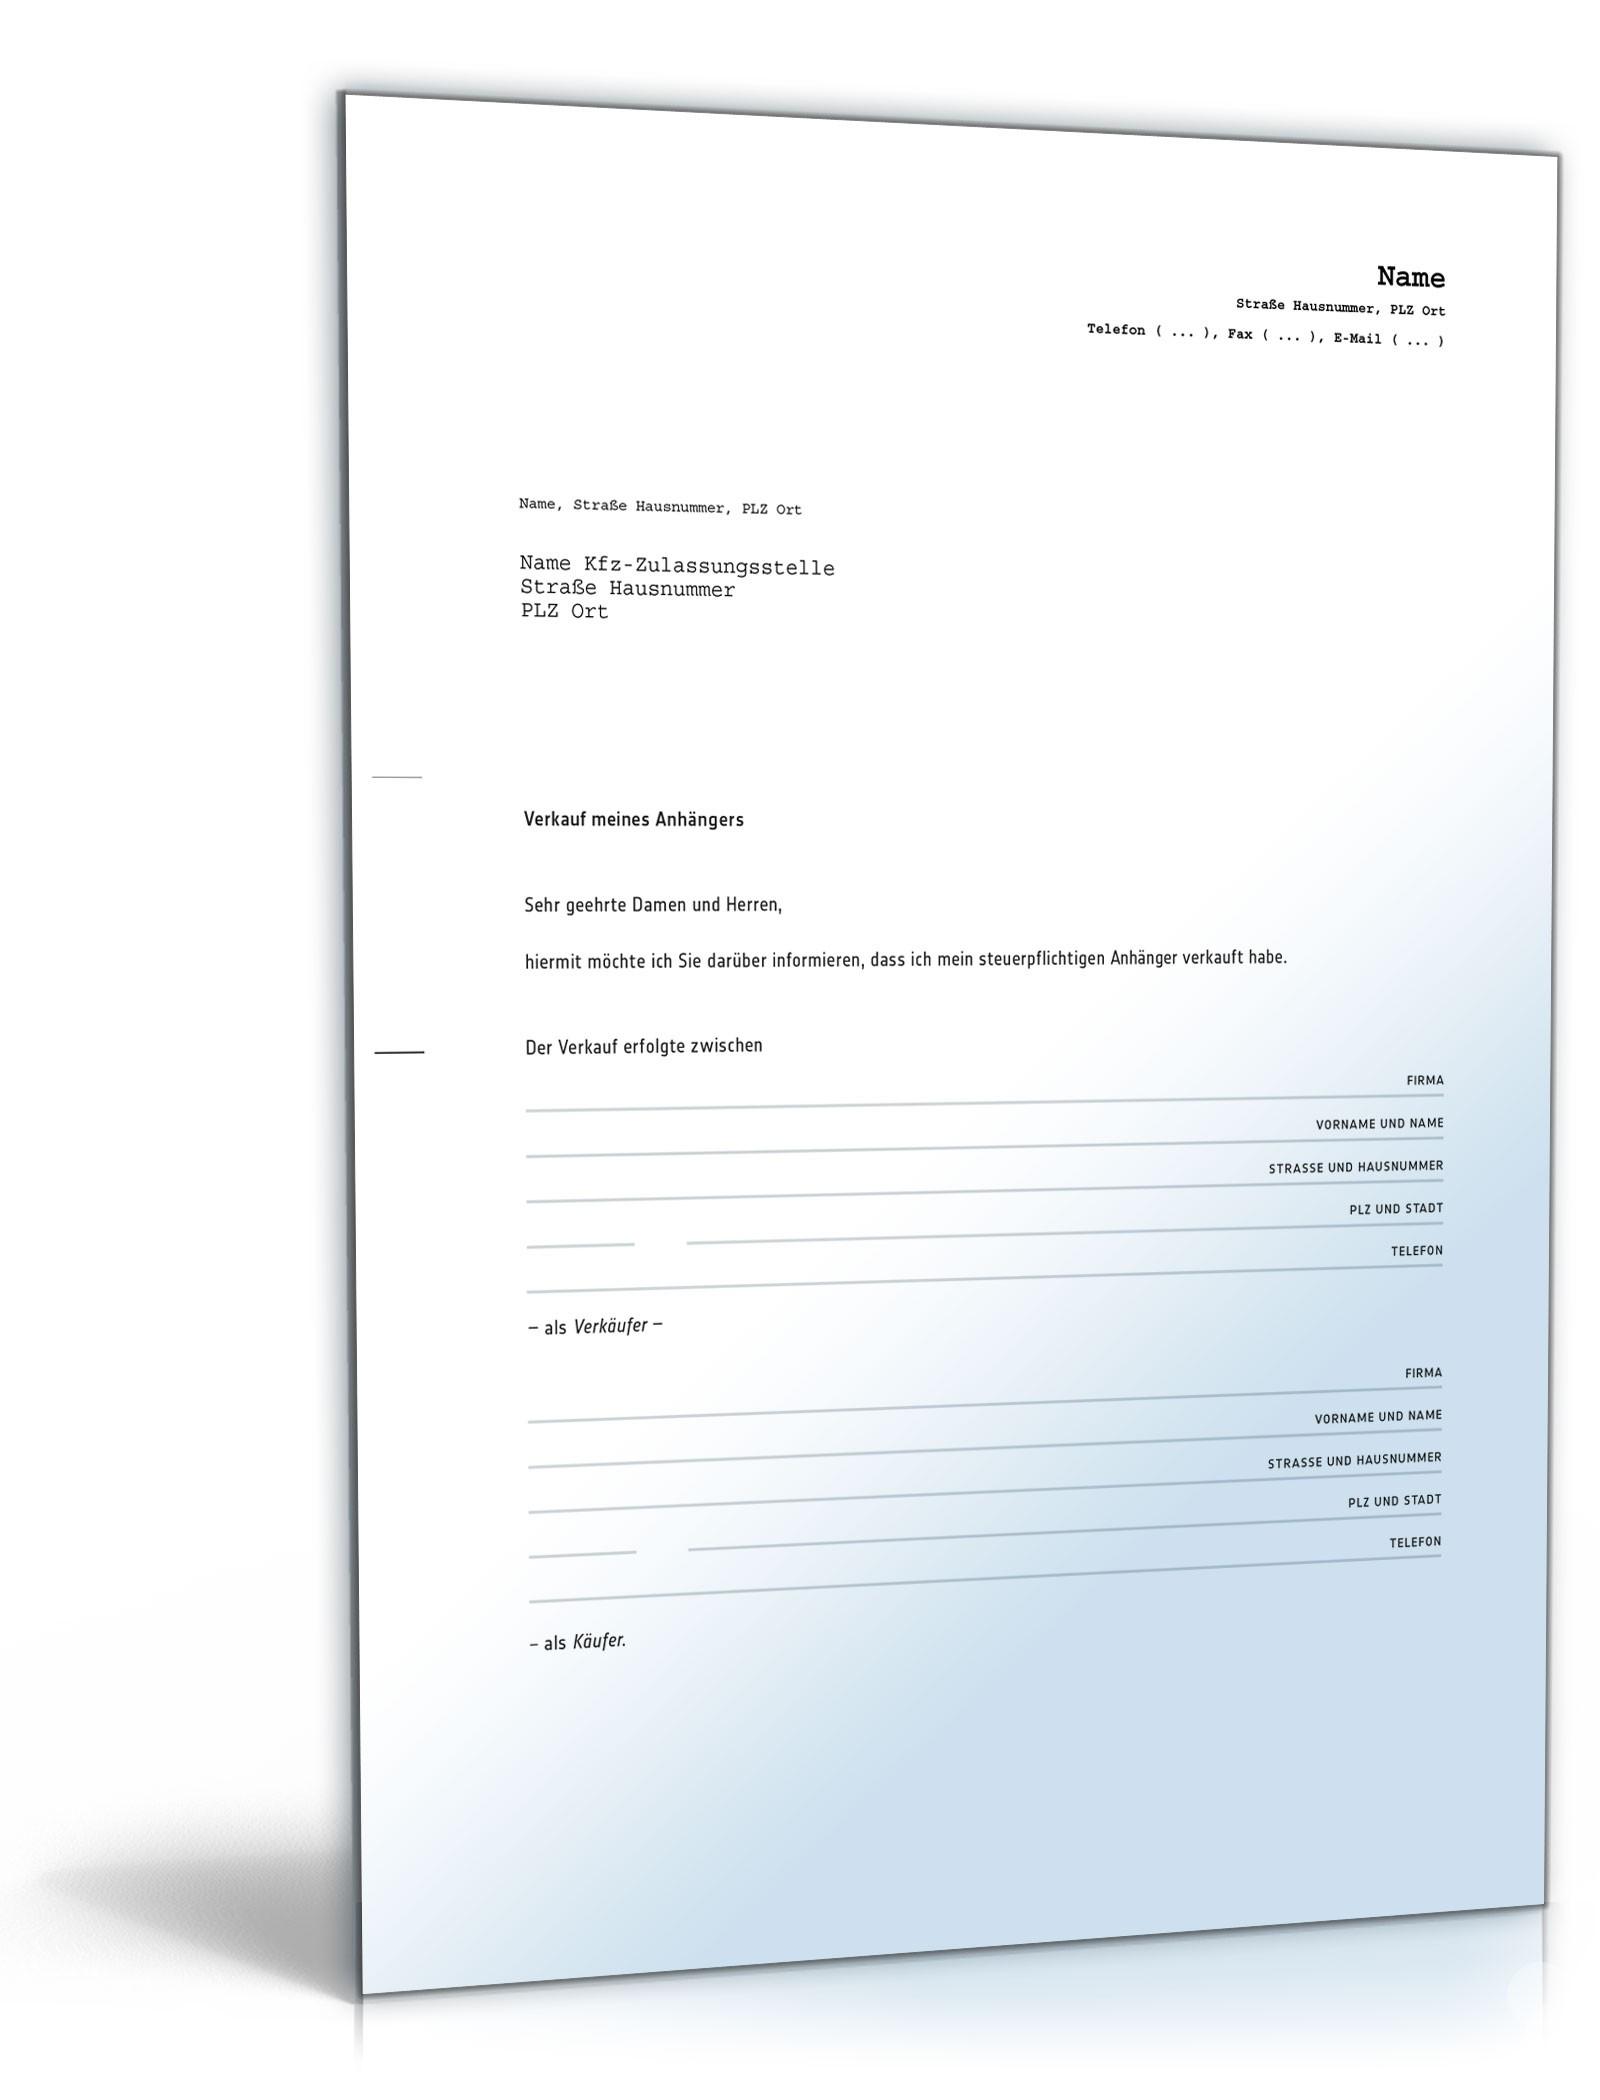 Kaufvertrag küche pdf  kaufvertrag über einen gebrauchten anhänger ? de vertrag download ...